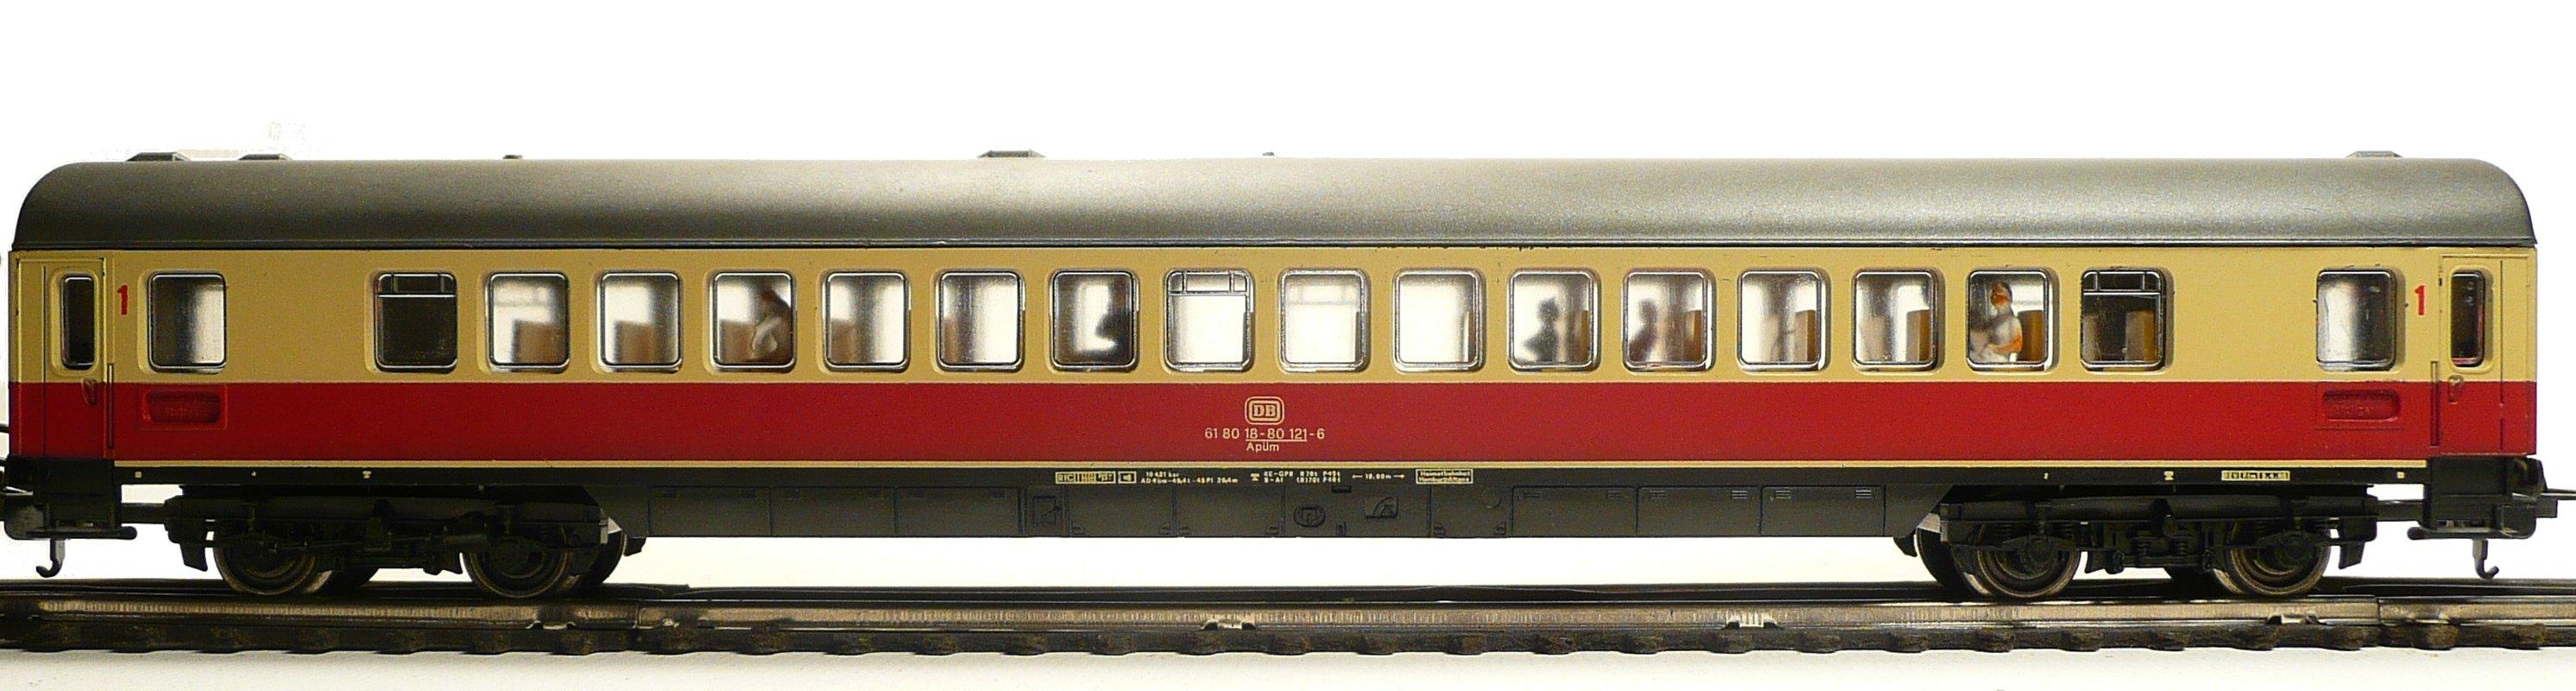 Modellbahn Ellok 112 Trix Express